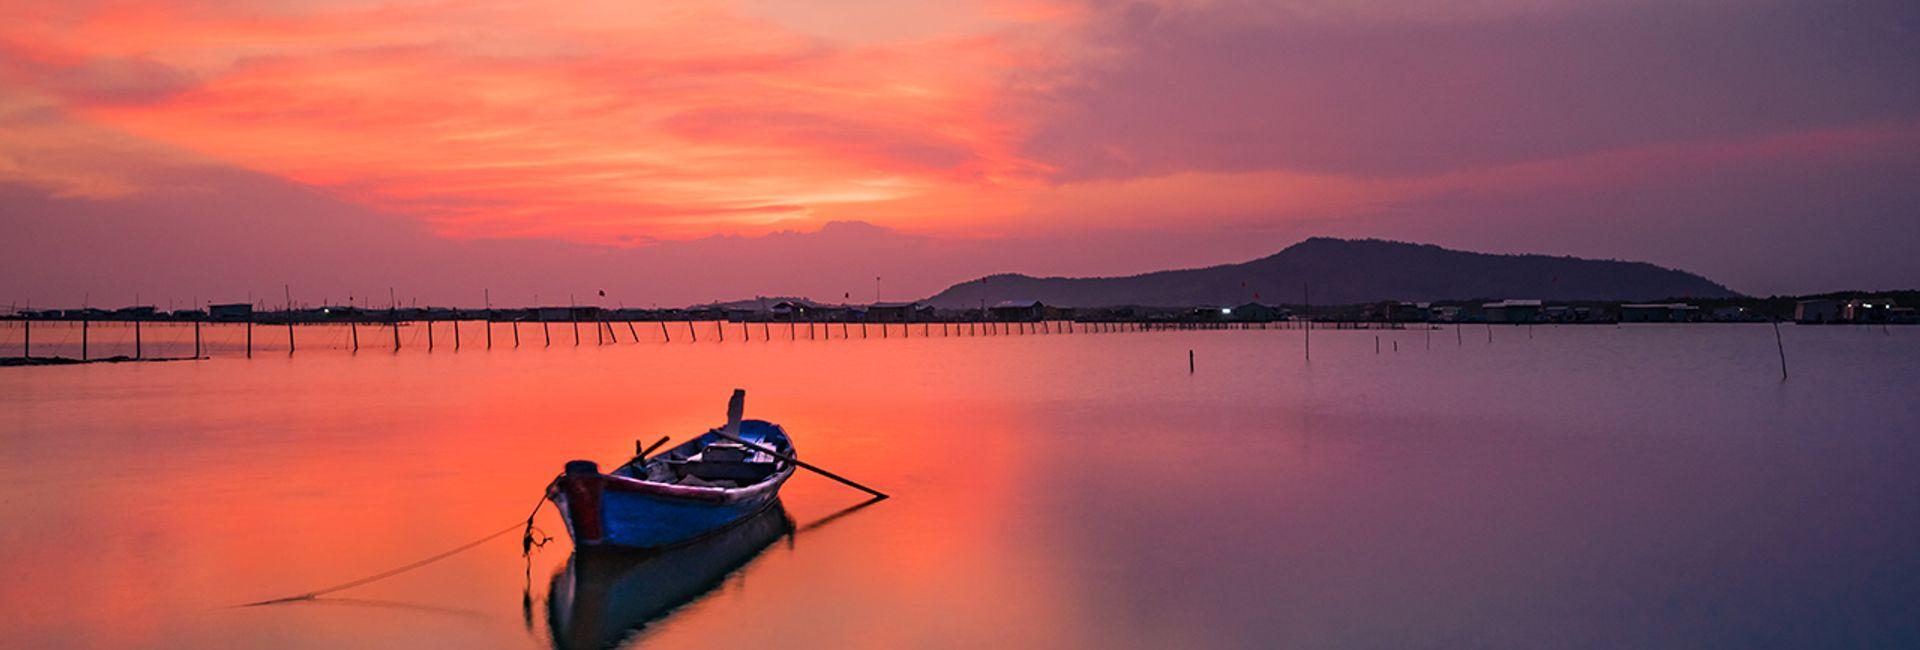 Đảo Long Sơn - Vũng Tàu có gì? Chia sẻ trọn bộ kinh nghiệm du lịch